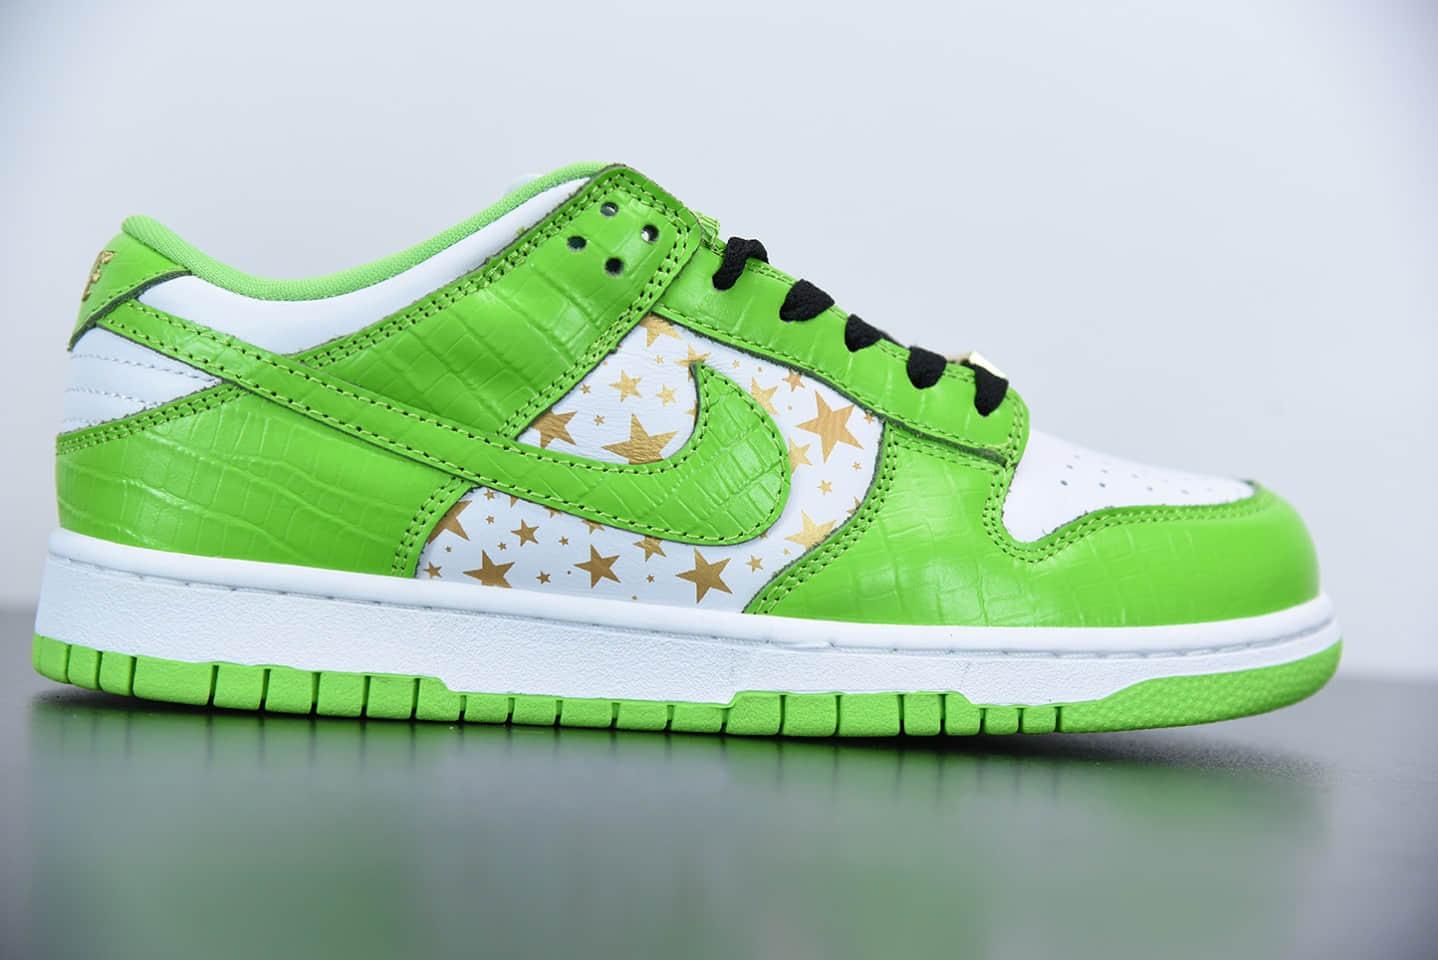 耐克Supreme x Nike SB Dunk Low Stars Royal Blue绿色星星联名扣篮系列低帮休闲运动滑板板鞋纯原版本 货号:DH3228-104